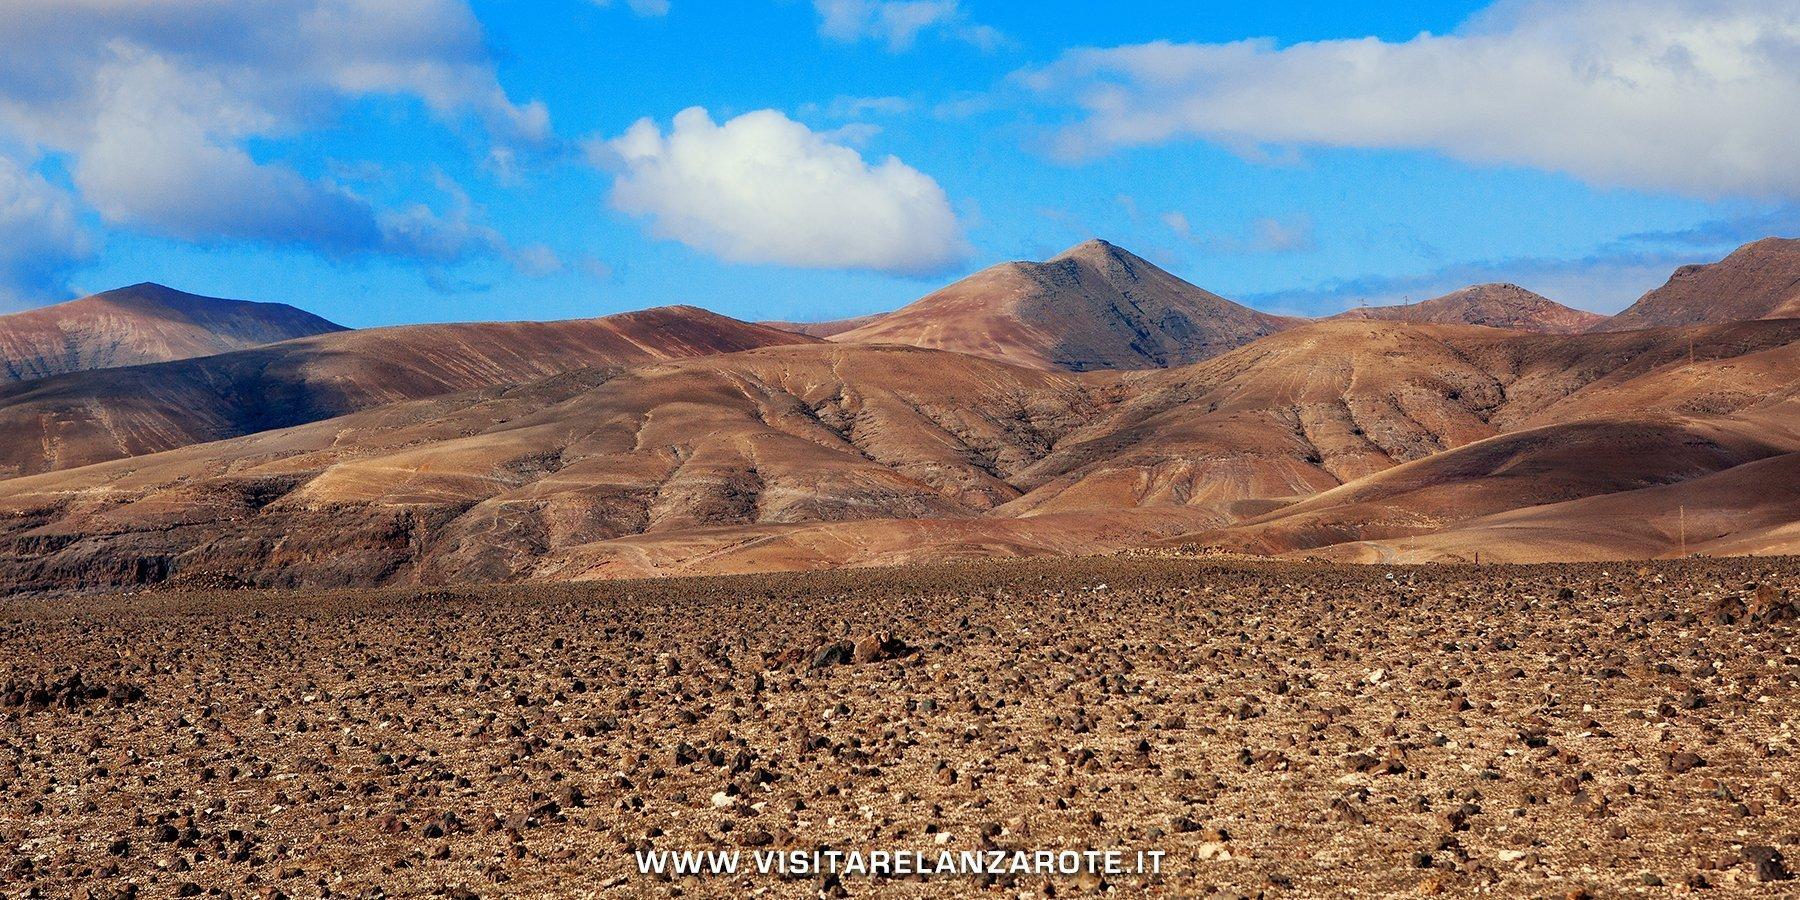 Parco Naturale Los Ajaches Lanzarote